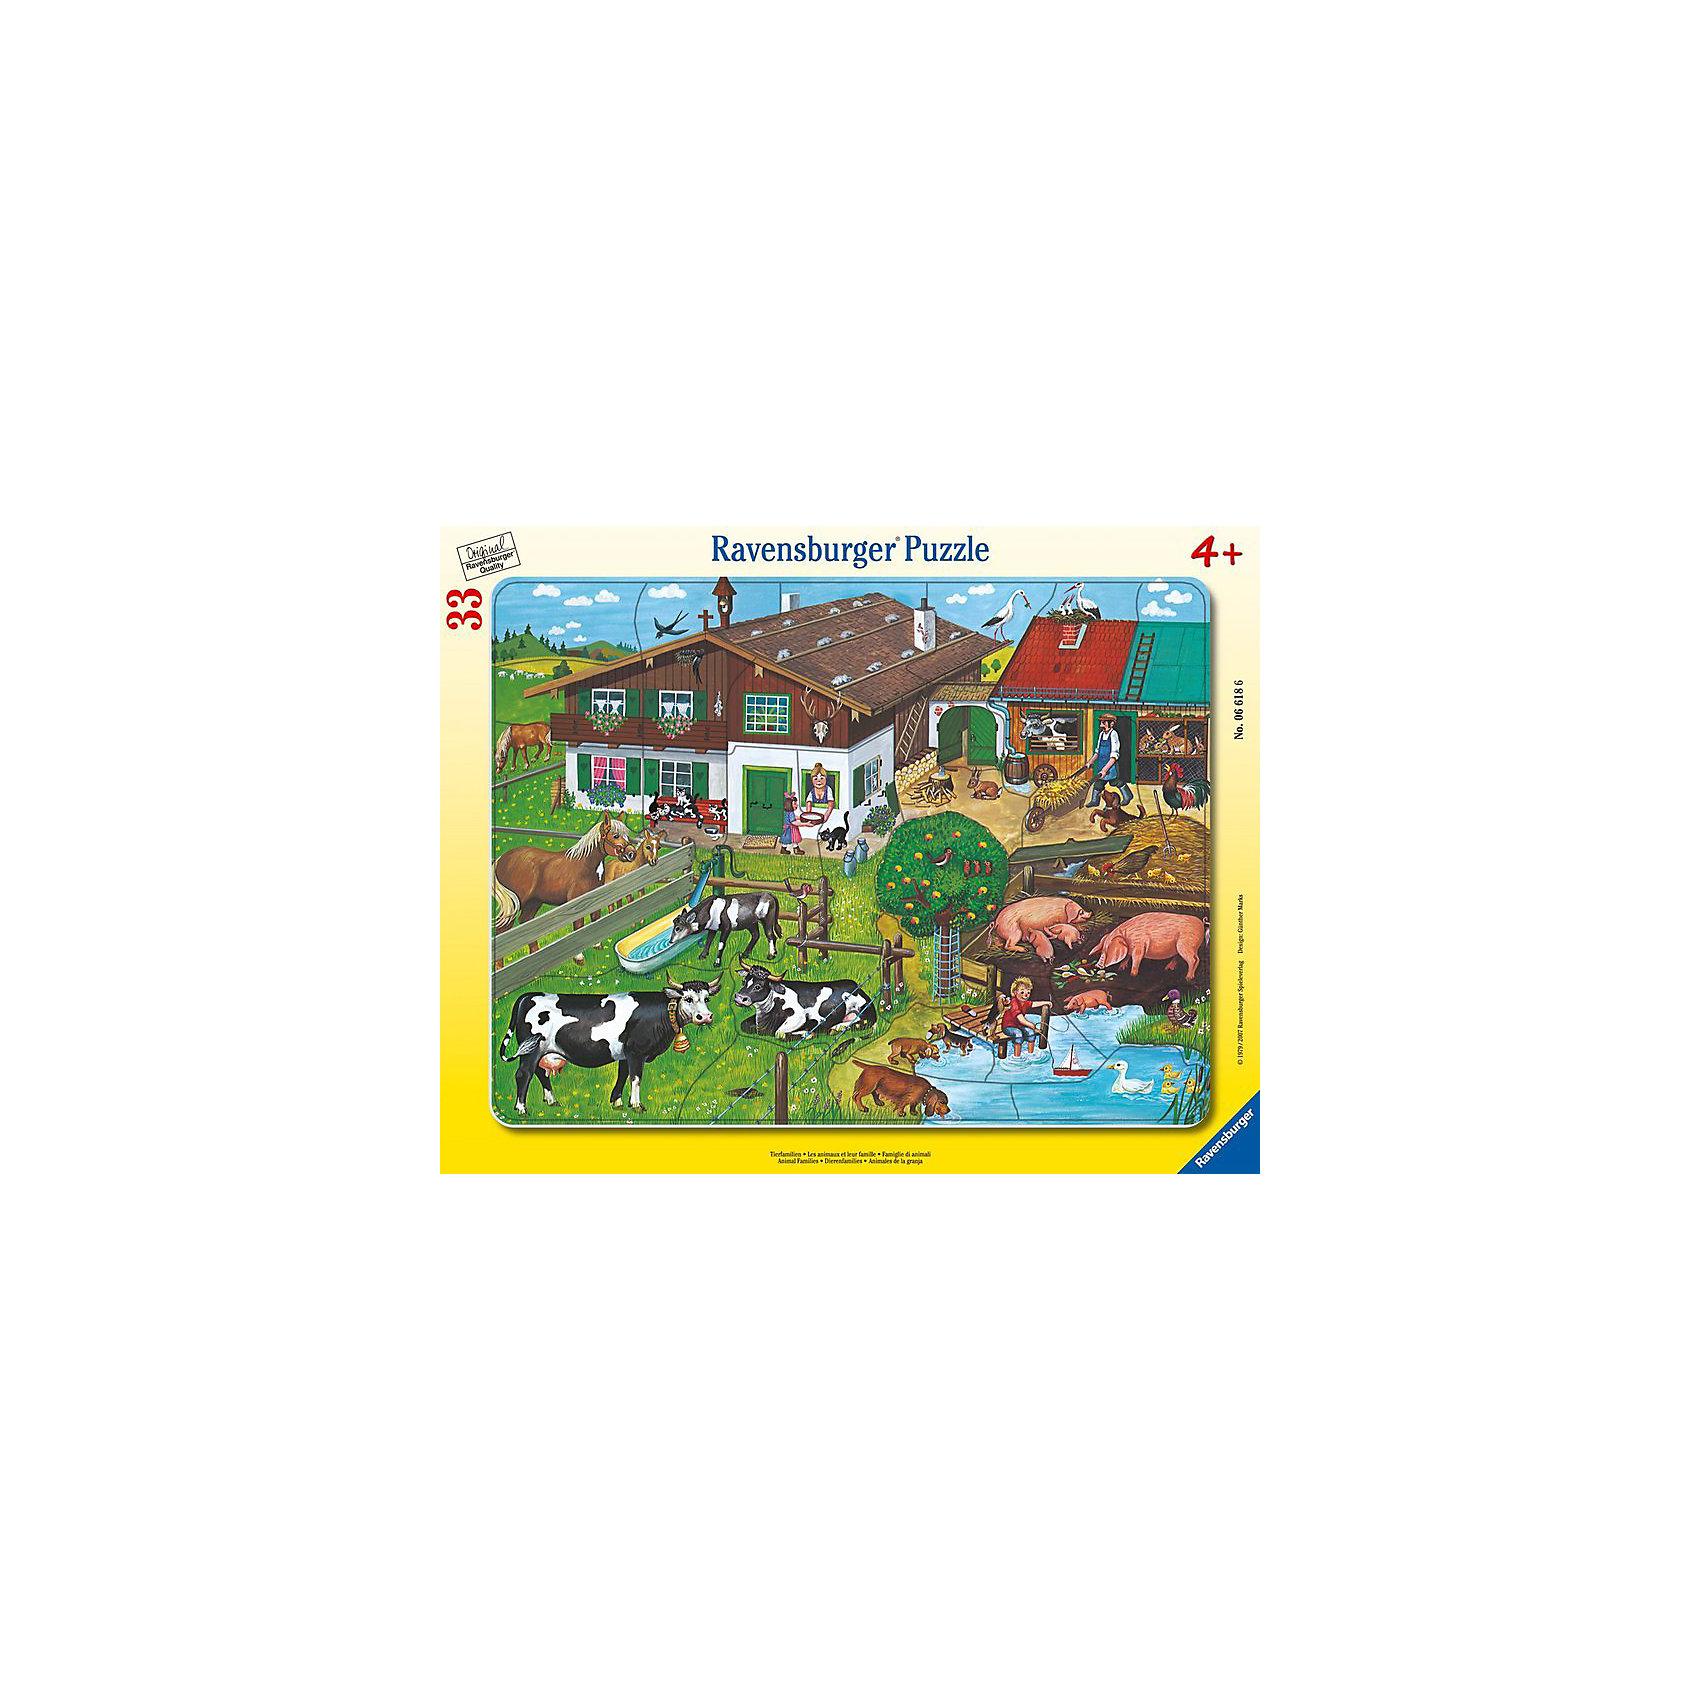 Пазл «Животные на ферме», 33 детали, RavensburgerПазлы для малышей<br>Пазл животные на ферме способствует развитию памяти, моторики рук, усидчивости и сообразительности ребёнка. Воссоздавая картинку, малыш легко запомнит и животных, изображенных на ней. Собирать пазл будет легко, ведь все детали изготовлены из прочного материала, который не будет расклеиваться при использовании. Также изделие безопасно для ребёнка, так как изготовлено из экологического сырья. Ваш ребёнок будет рад такому полезному и интересному подарку!<br>В товар входит:<br>-33 деталей<br><br>Дополнительная информация<br>-Размер картинки – 32,5*24,5 см <br>-Размер упаковки – 38*30 см<br>-Возраст: от 3 лет<br>-Для мальчиков и девочек<br>-Состав: картон, бумага<br>-Бренд: Ravensburger (Равенсбургер)<br>-Страна обладатель бренда: Германия<br><br>Ширина мм: 376<br>Глубина мм: 288<br>Высота мм: 7<br>Вес г: 294<br>Возраст от месяцев: 48<br>Возраст до месяцев: 72<br>Пол: Унисекс<br>Возраст: Детский<br>Количество деталей: 33<br>SKU: 1634570